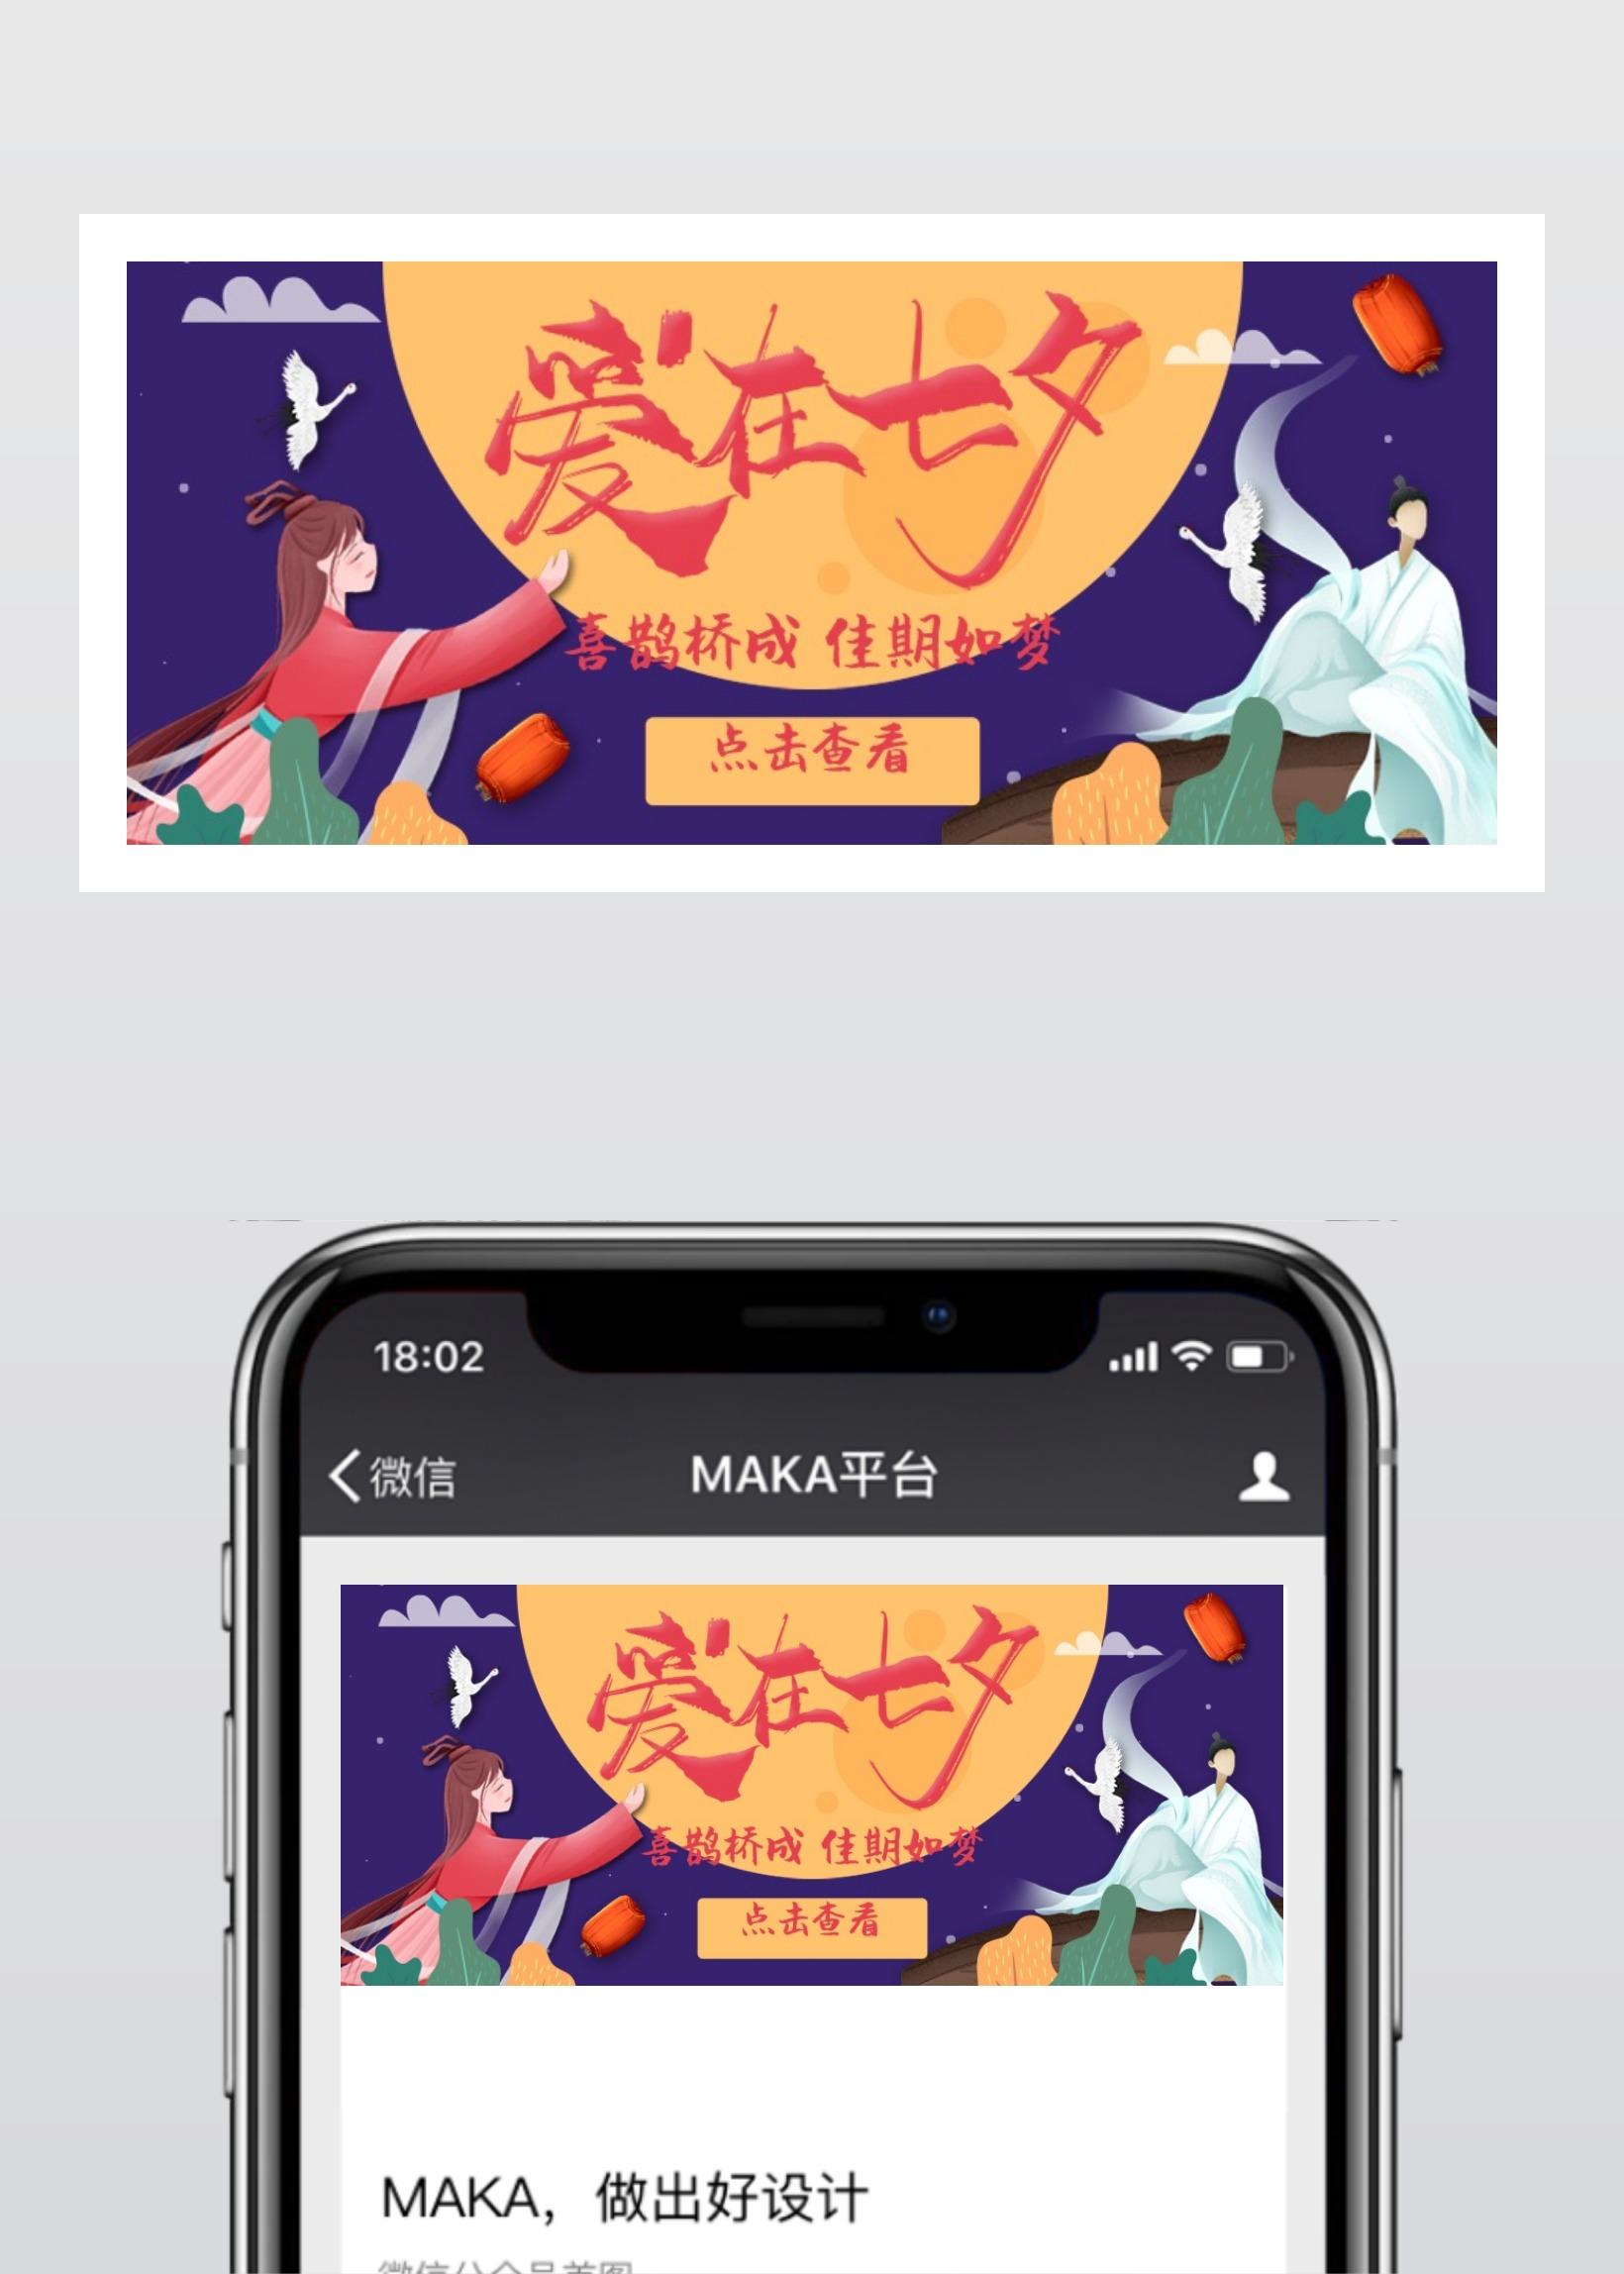 深蓝色卡通清新插画设计风格中国情人节七夕表白、祝福活动微信公众号大图